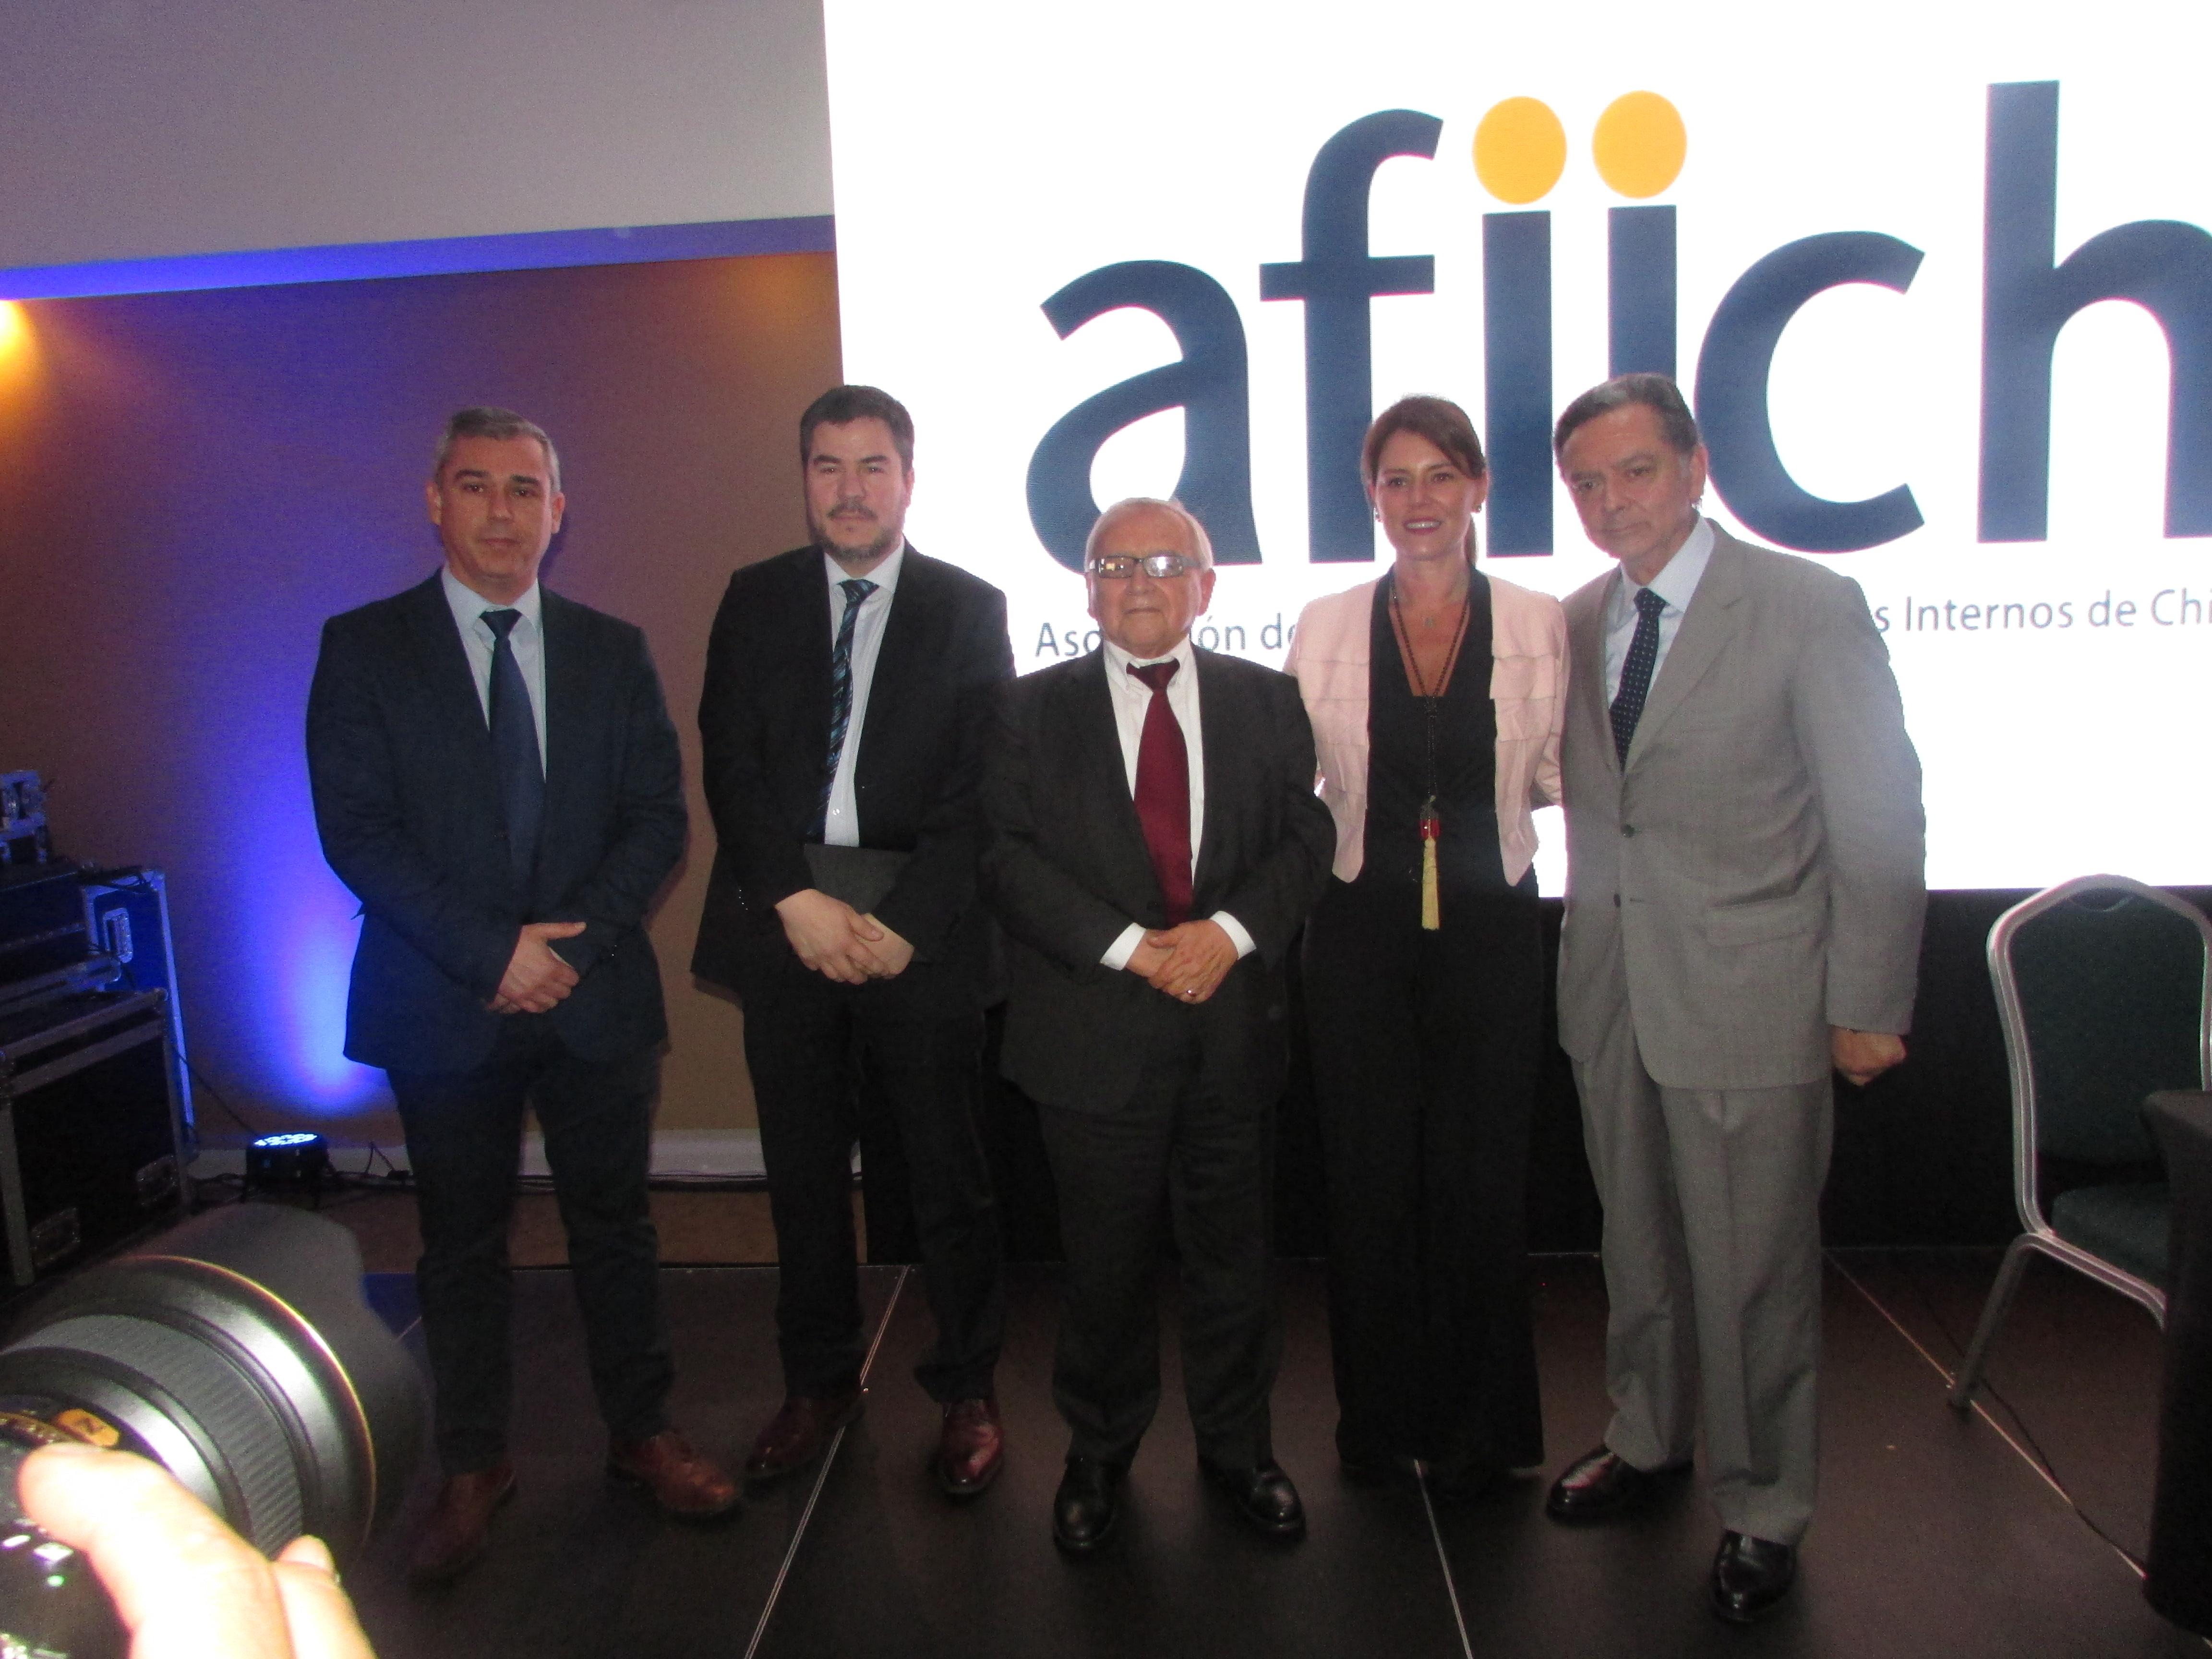 """Exitoso seminario AFIICH sobre """"El sistema tributario que requiere Chile para las próximas décadas"""" - 10 Noviembre 2017"""